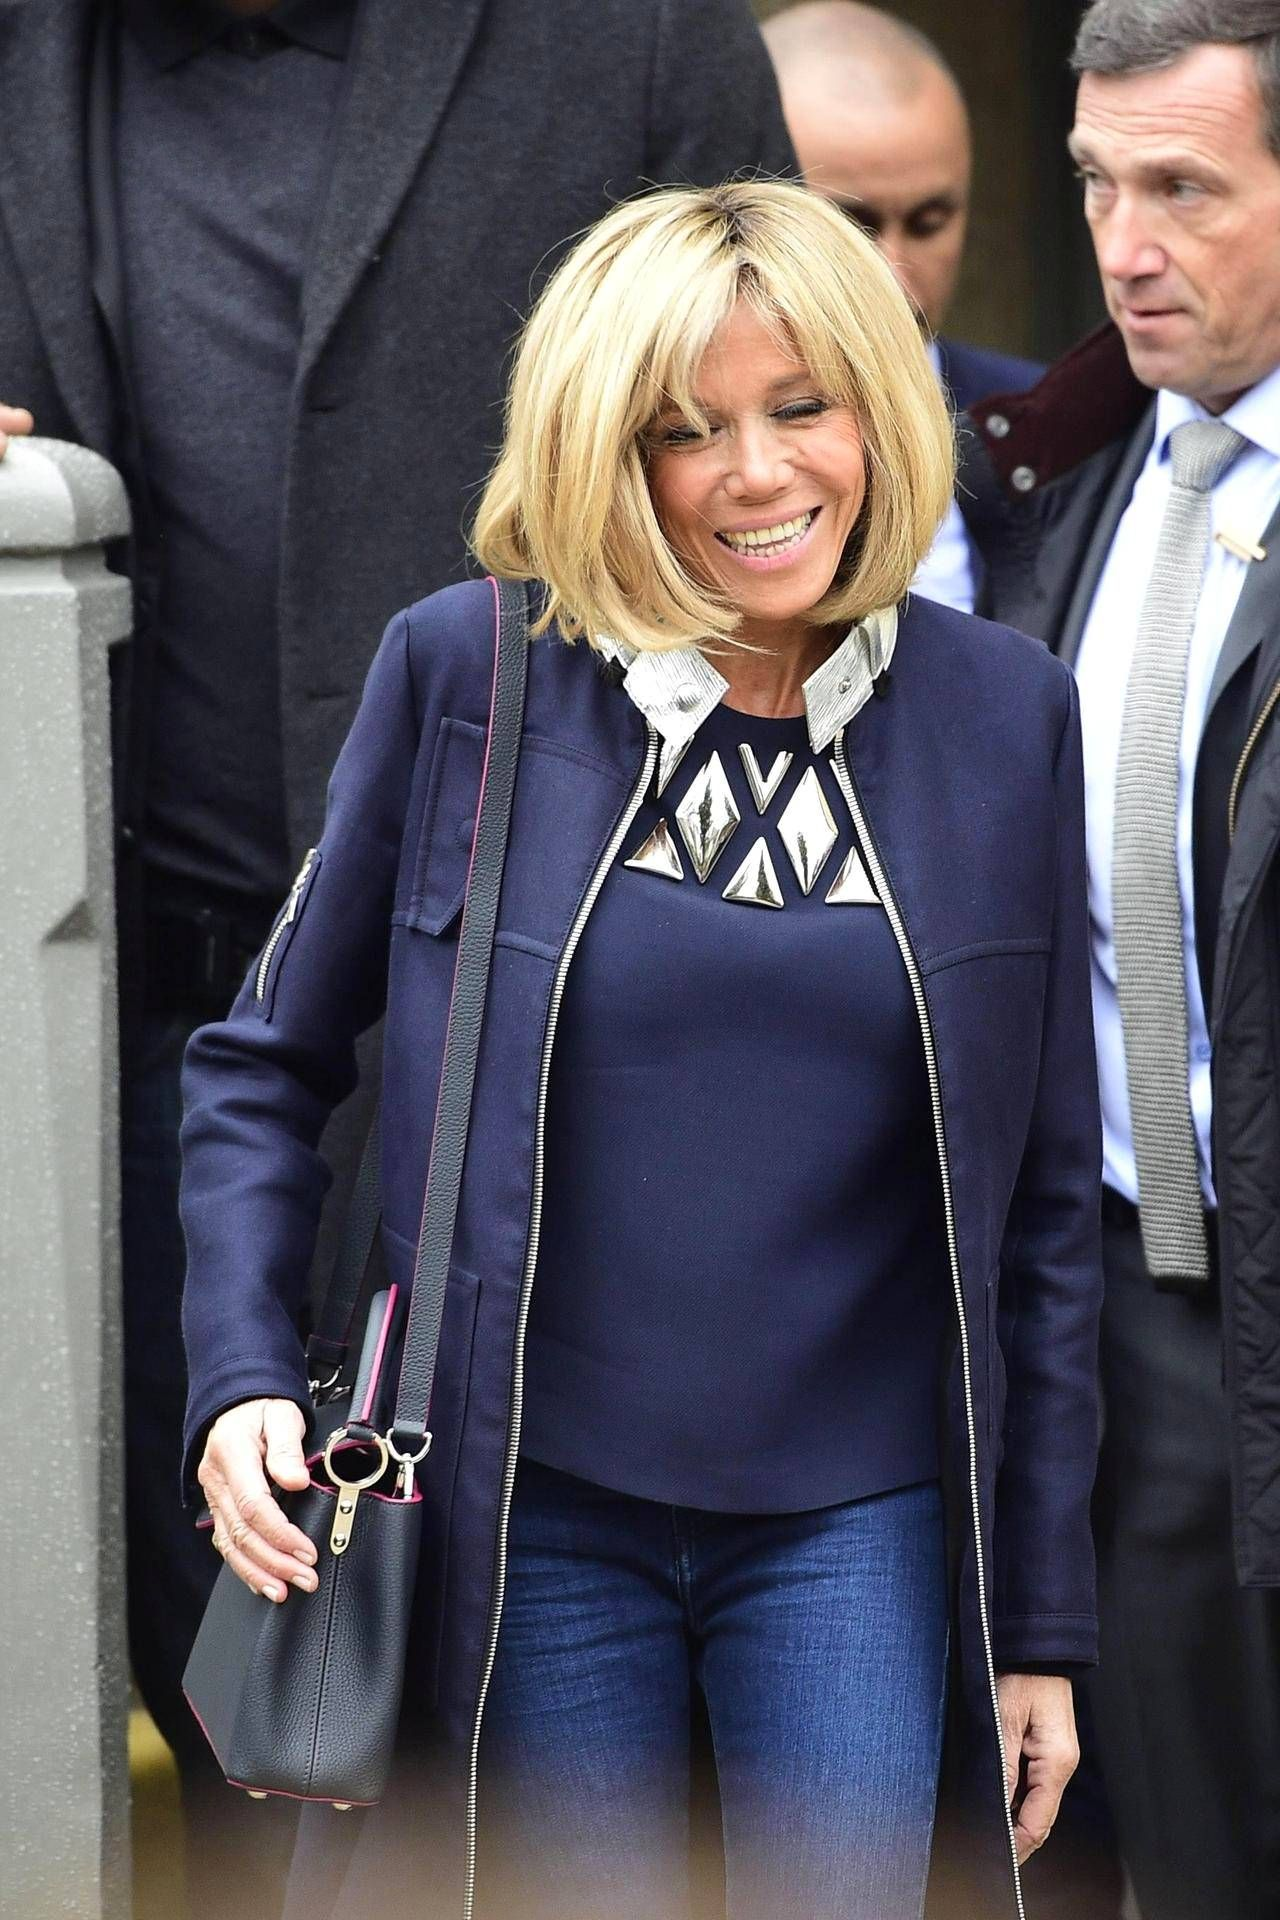 Emmanuel Macron Valittiin Sunnuntaina Ranskan Uudeksi Presidentiksi Samalla Macronin Vaimosta Brigitte Trogneux Sta Tuli Fashion Montreal Street Fashion Style